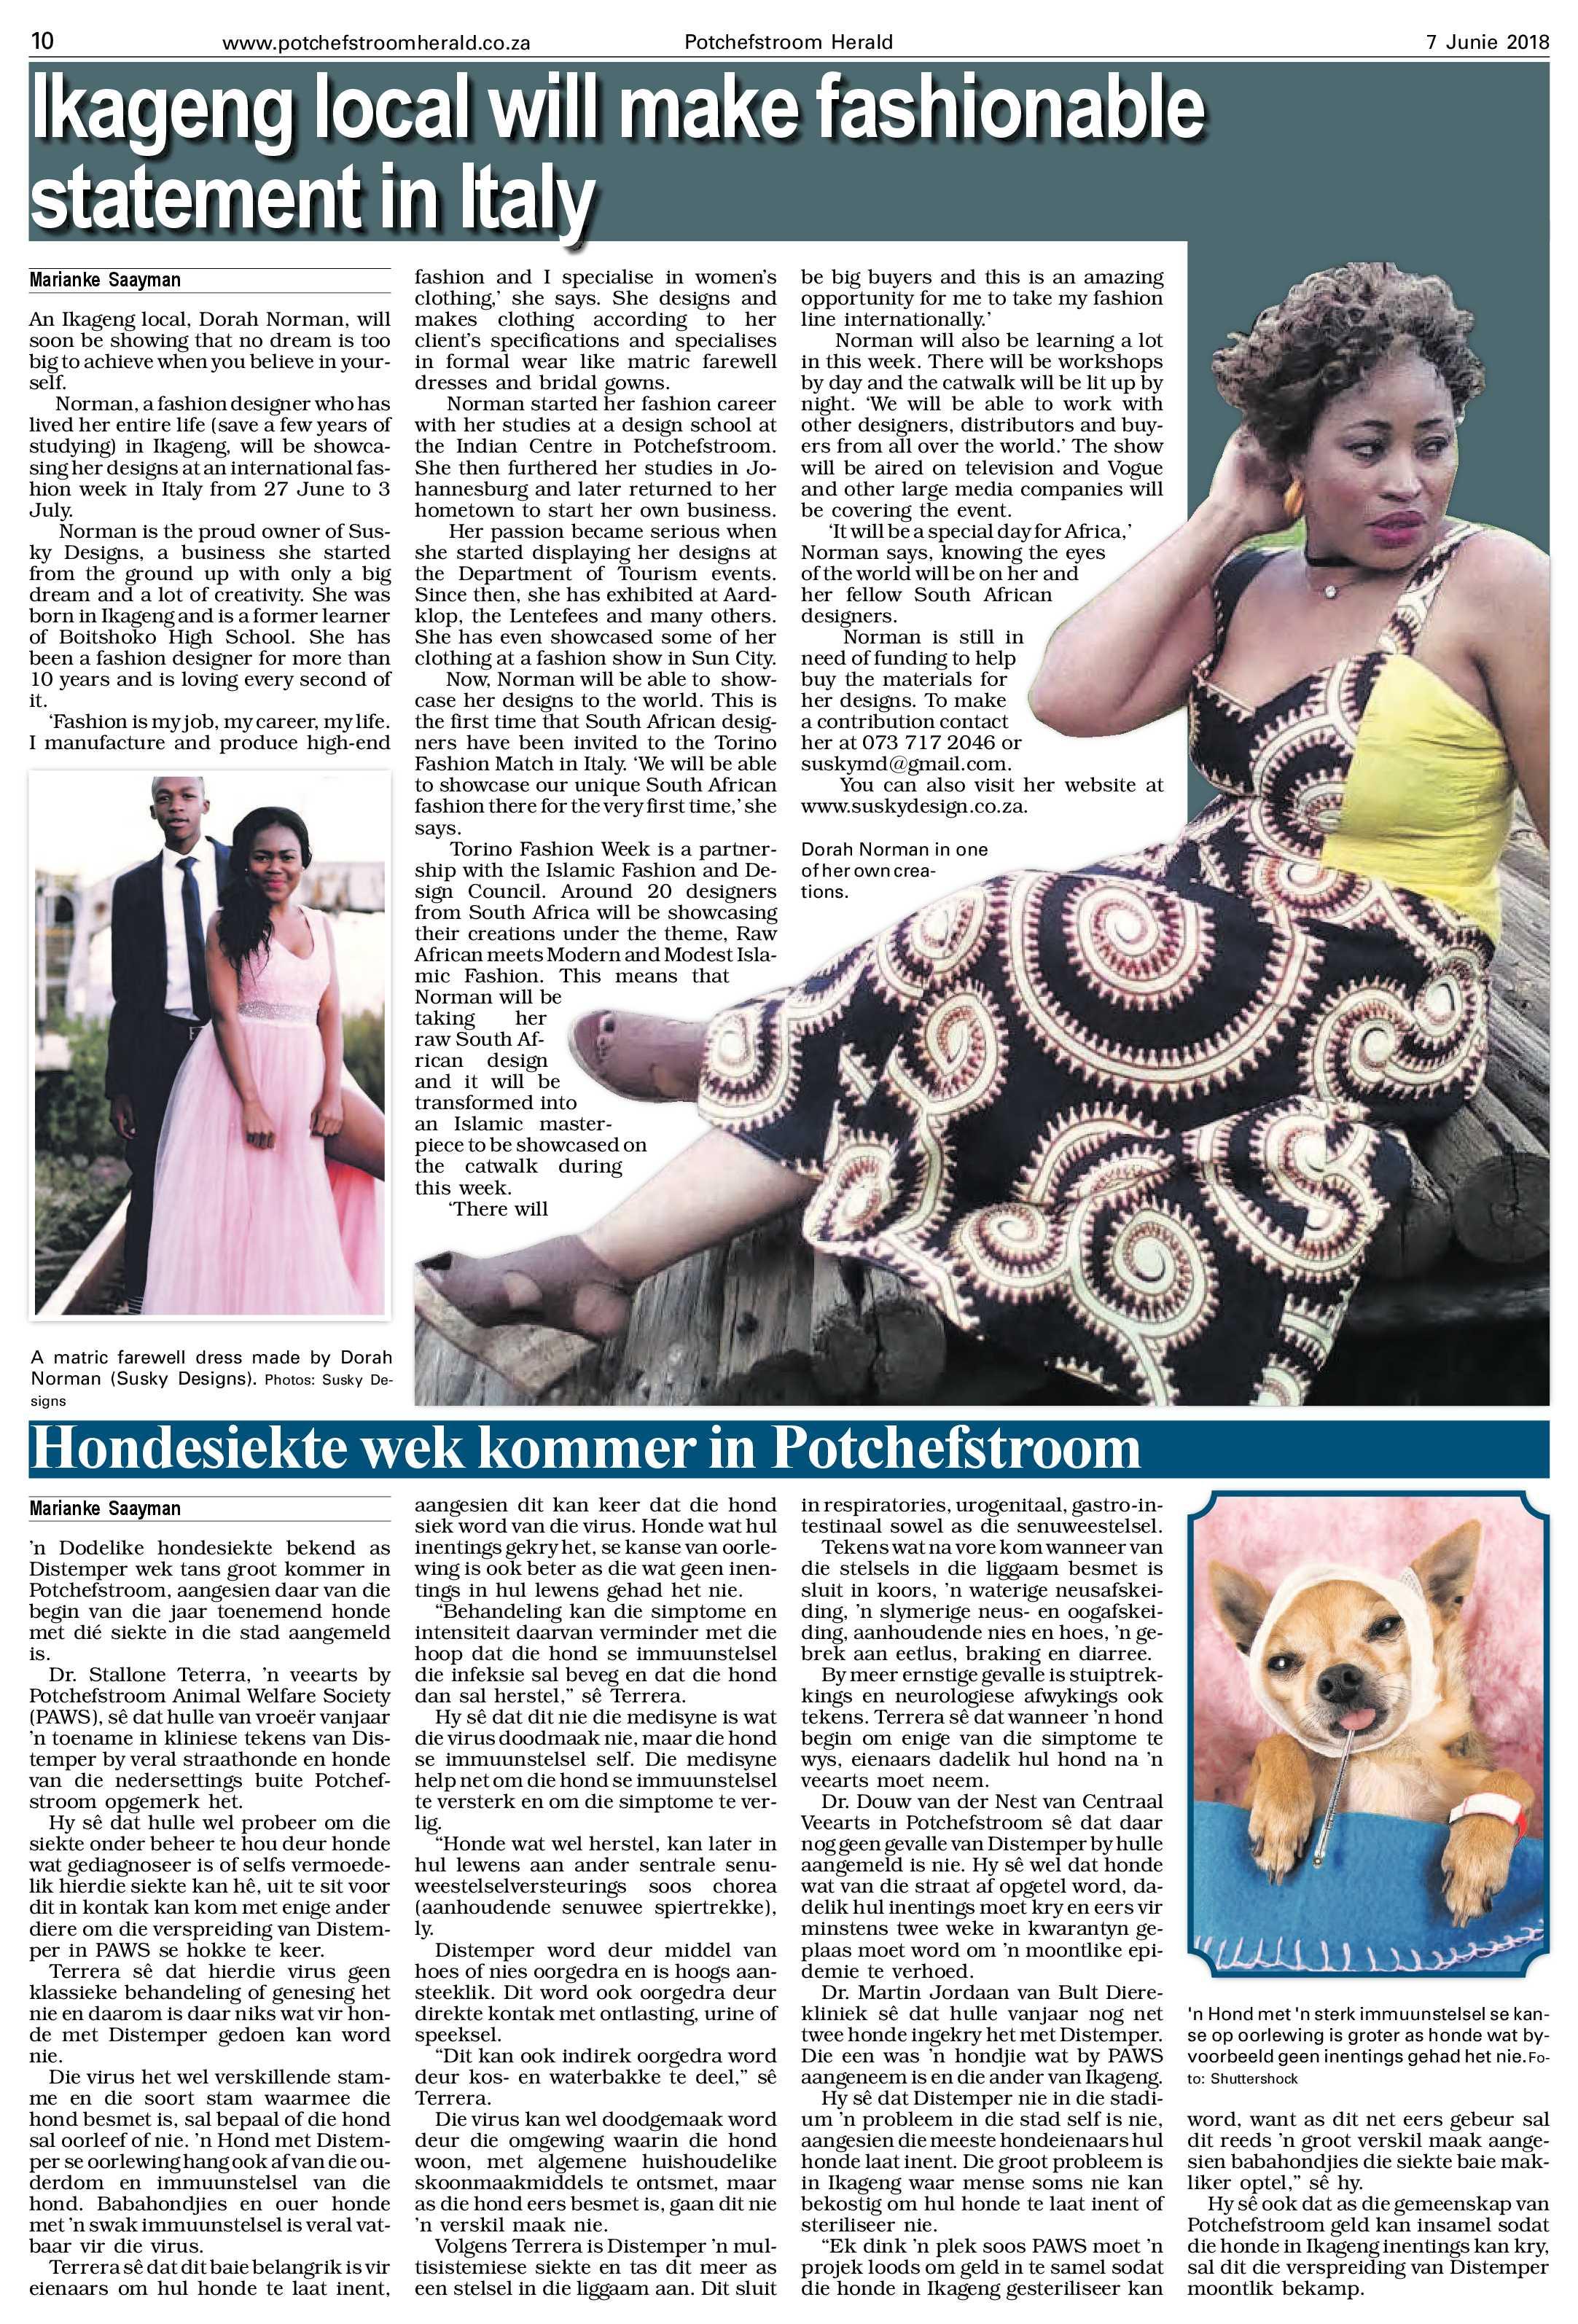 7-junie-2018-epapers-page-10